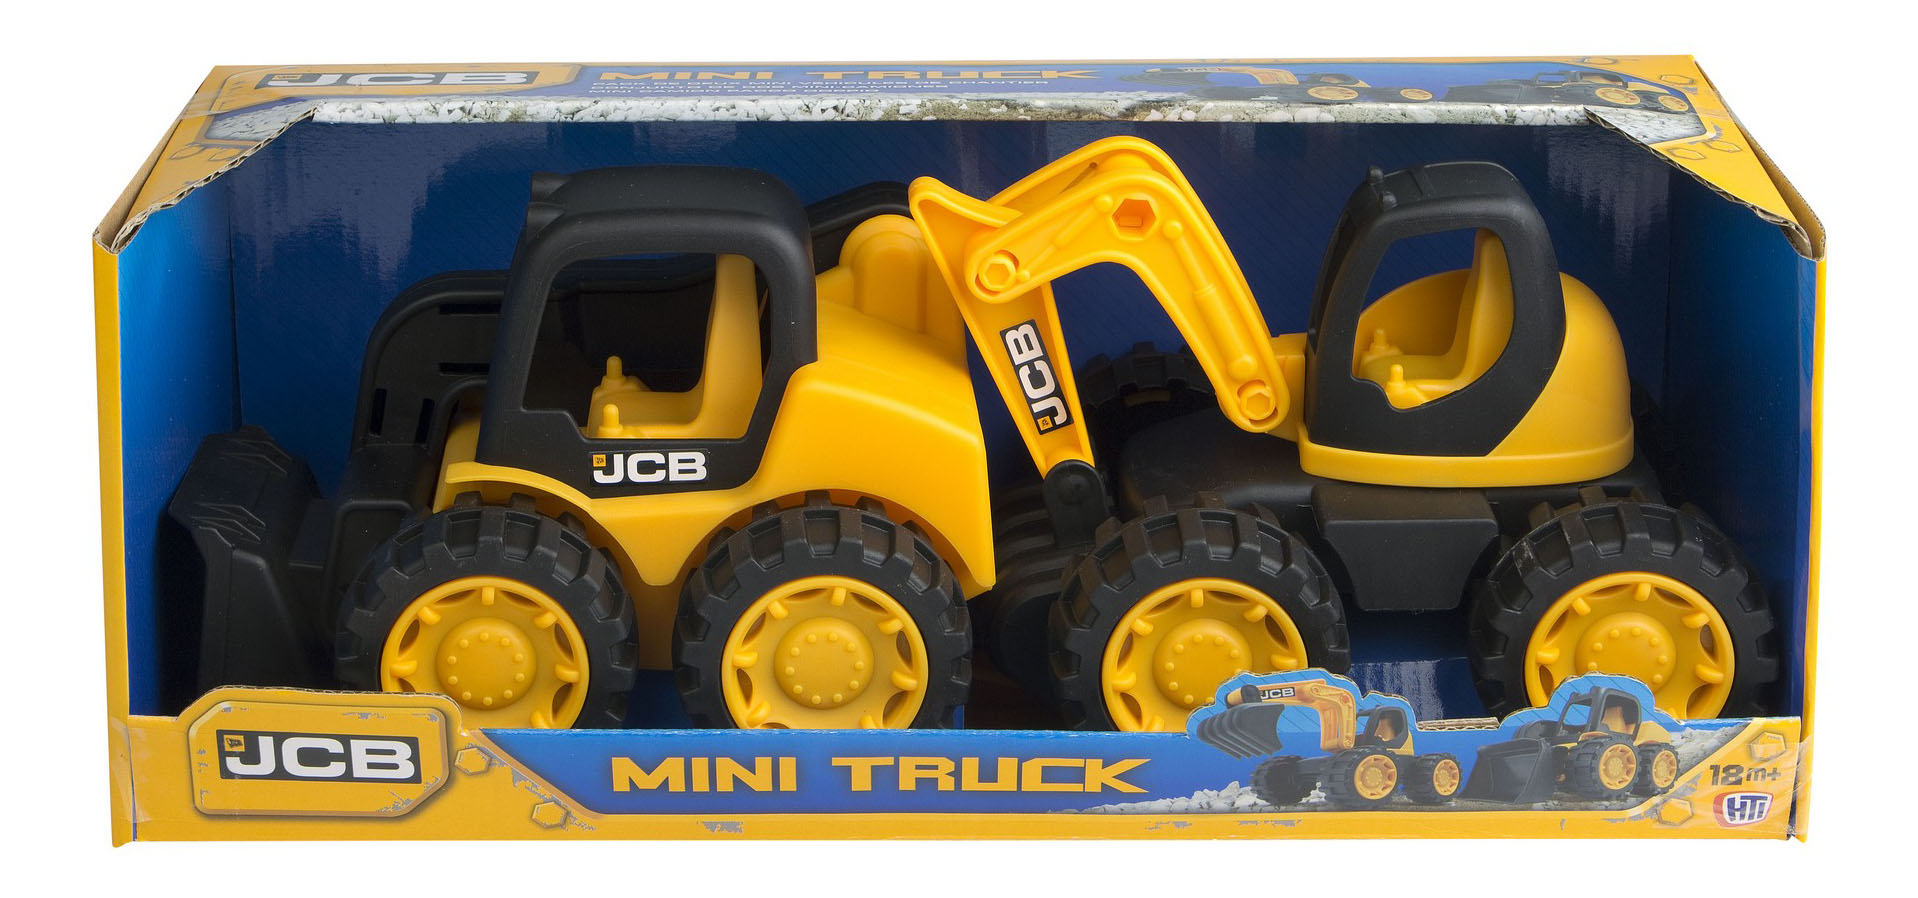 Купить Набор машин строительной техники HTI JCB экскаватор и мини-погрузчик,